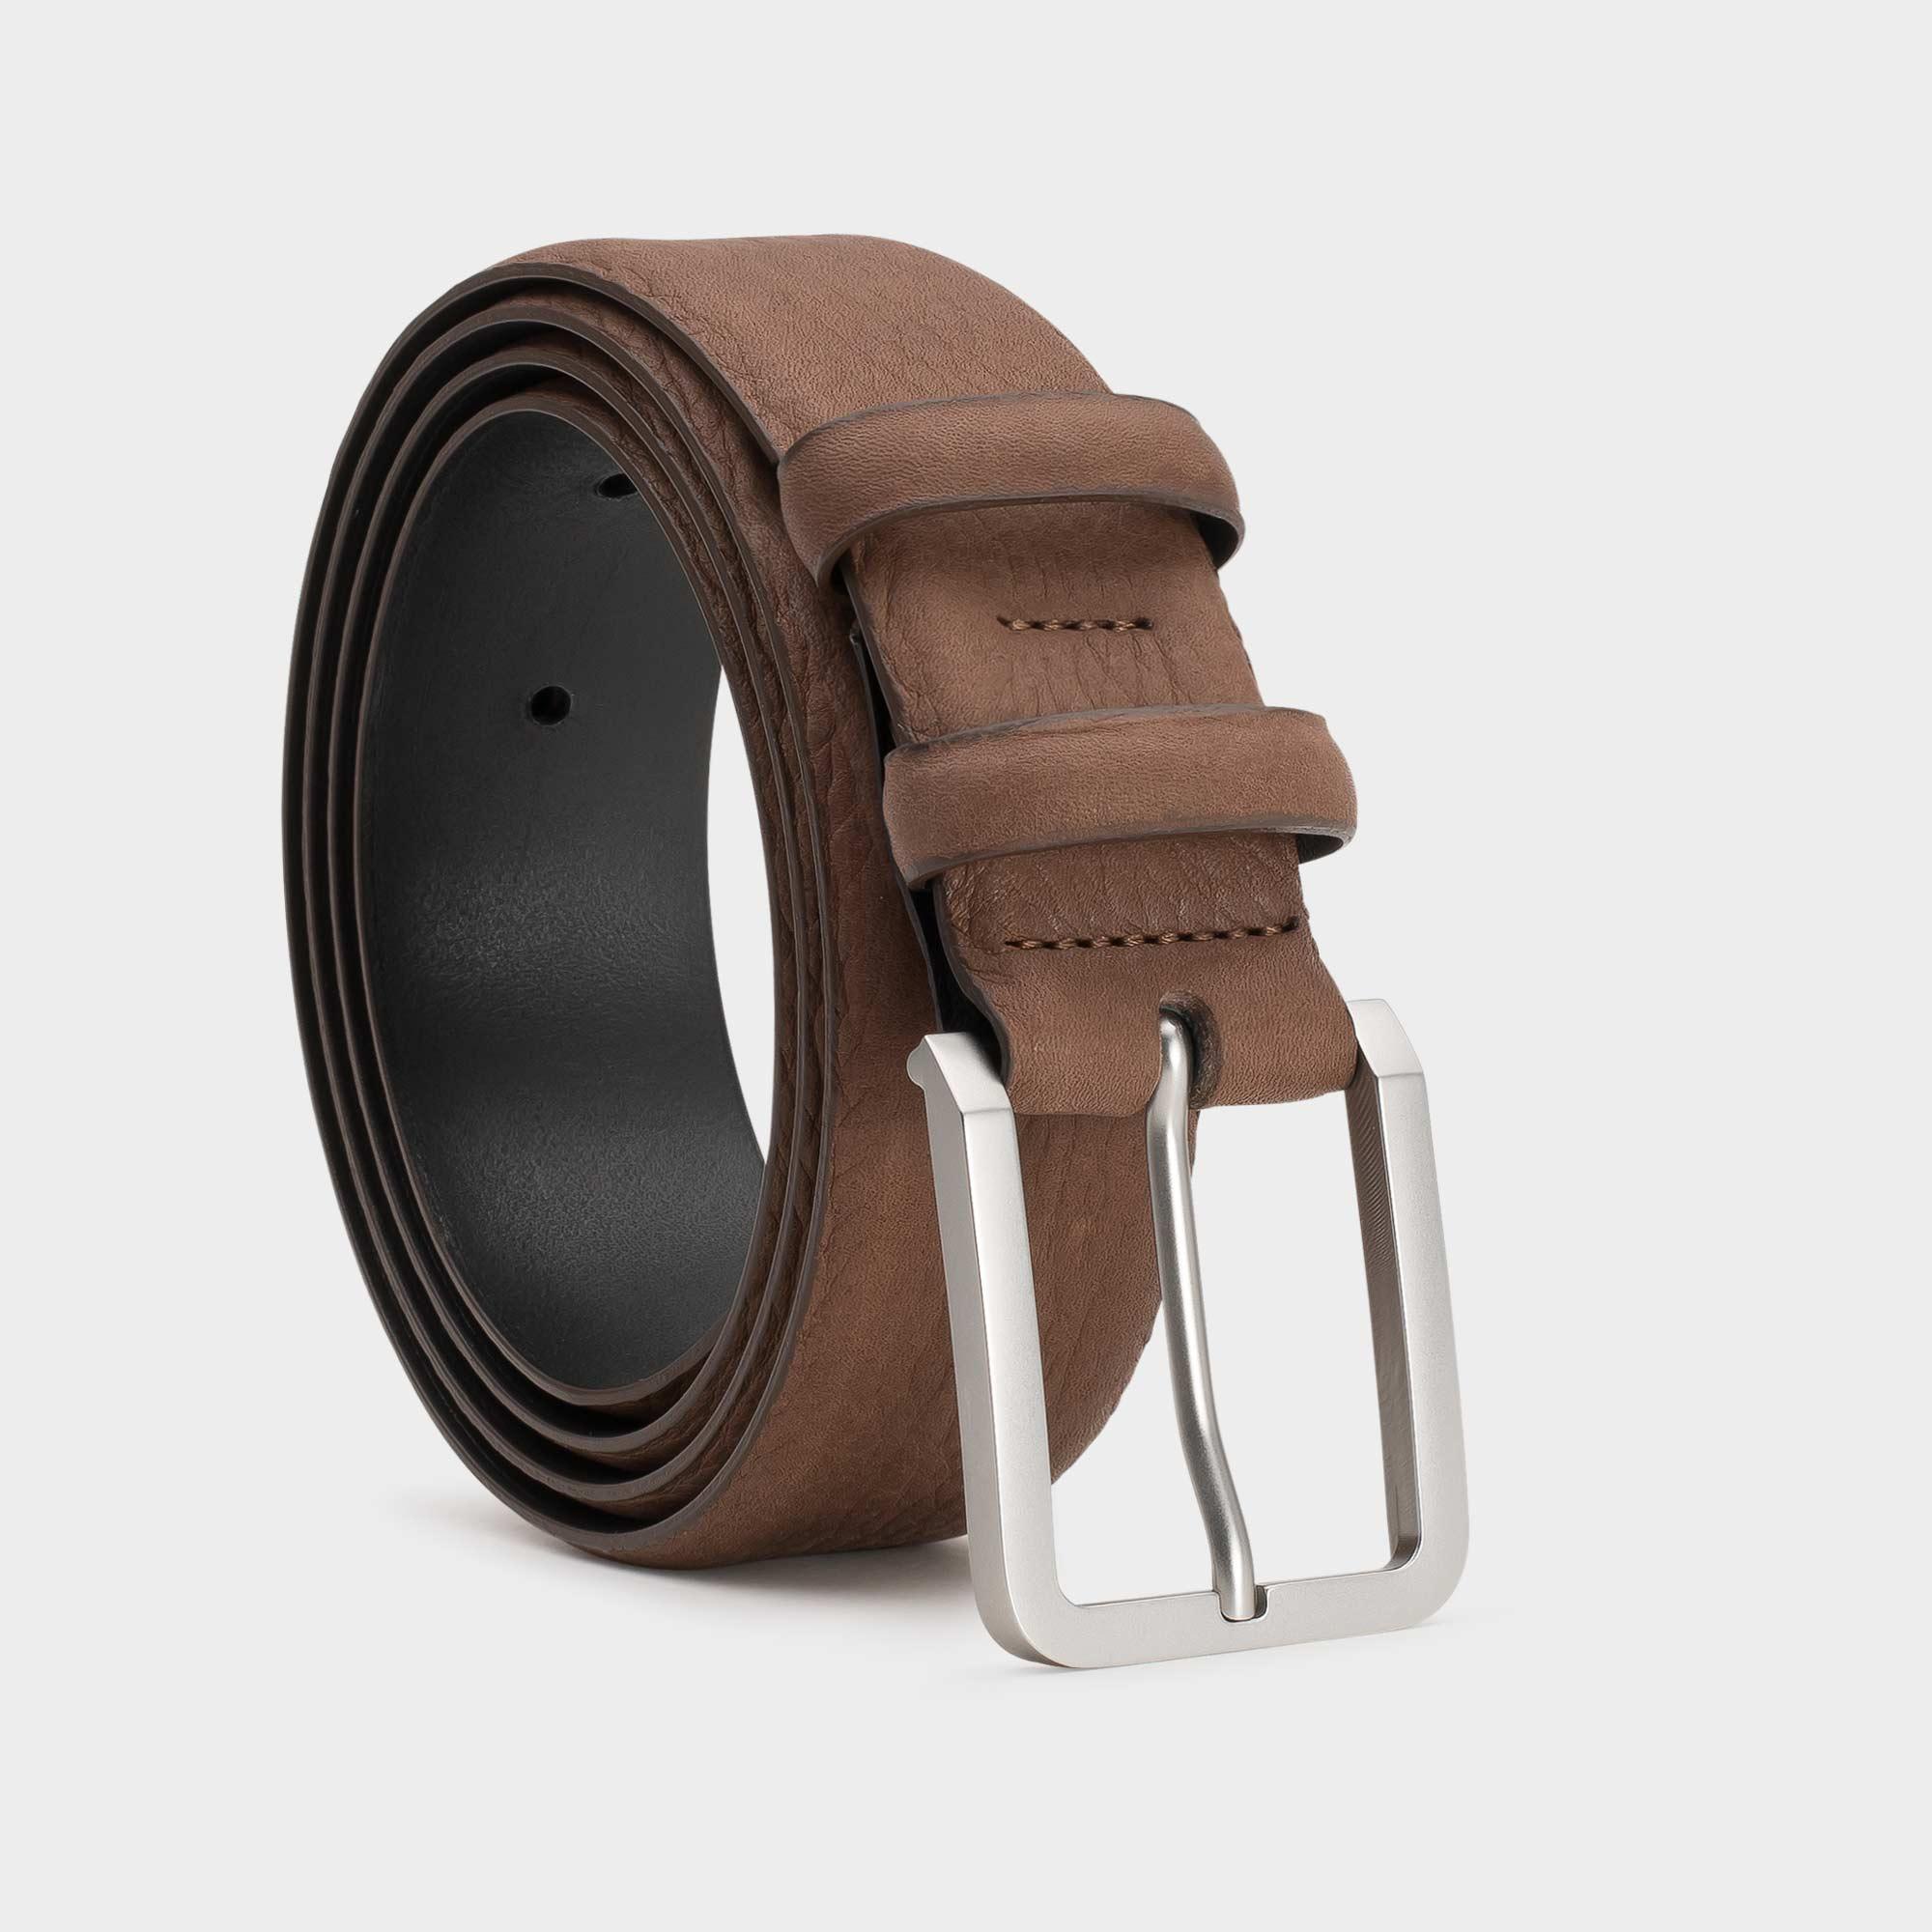 Handgemachter Ledergürtel Für Herren Braun Mathis Dalgado